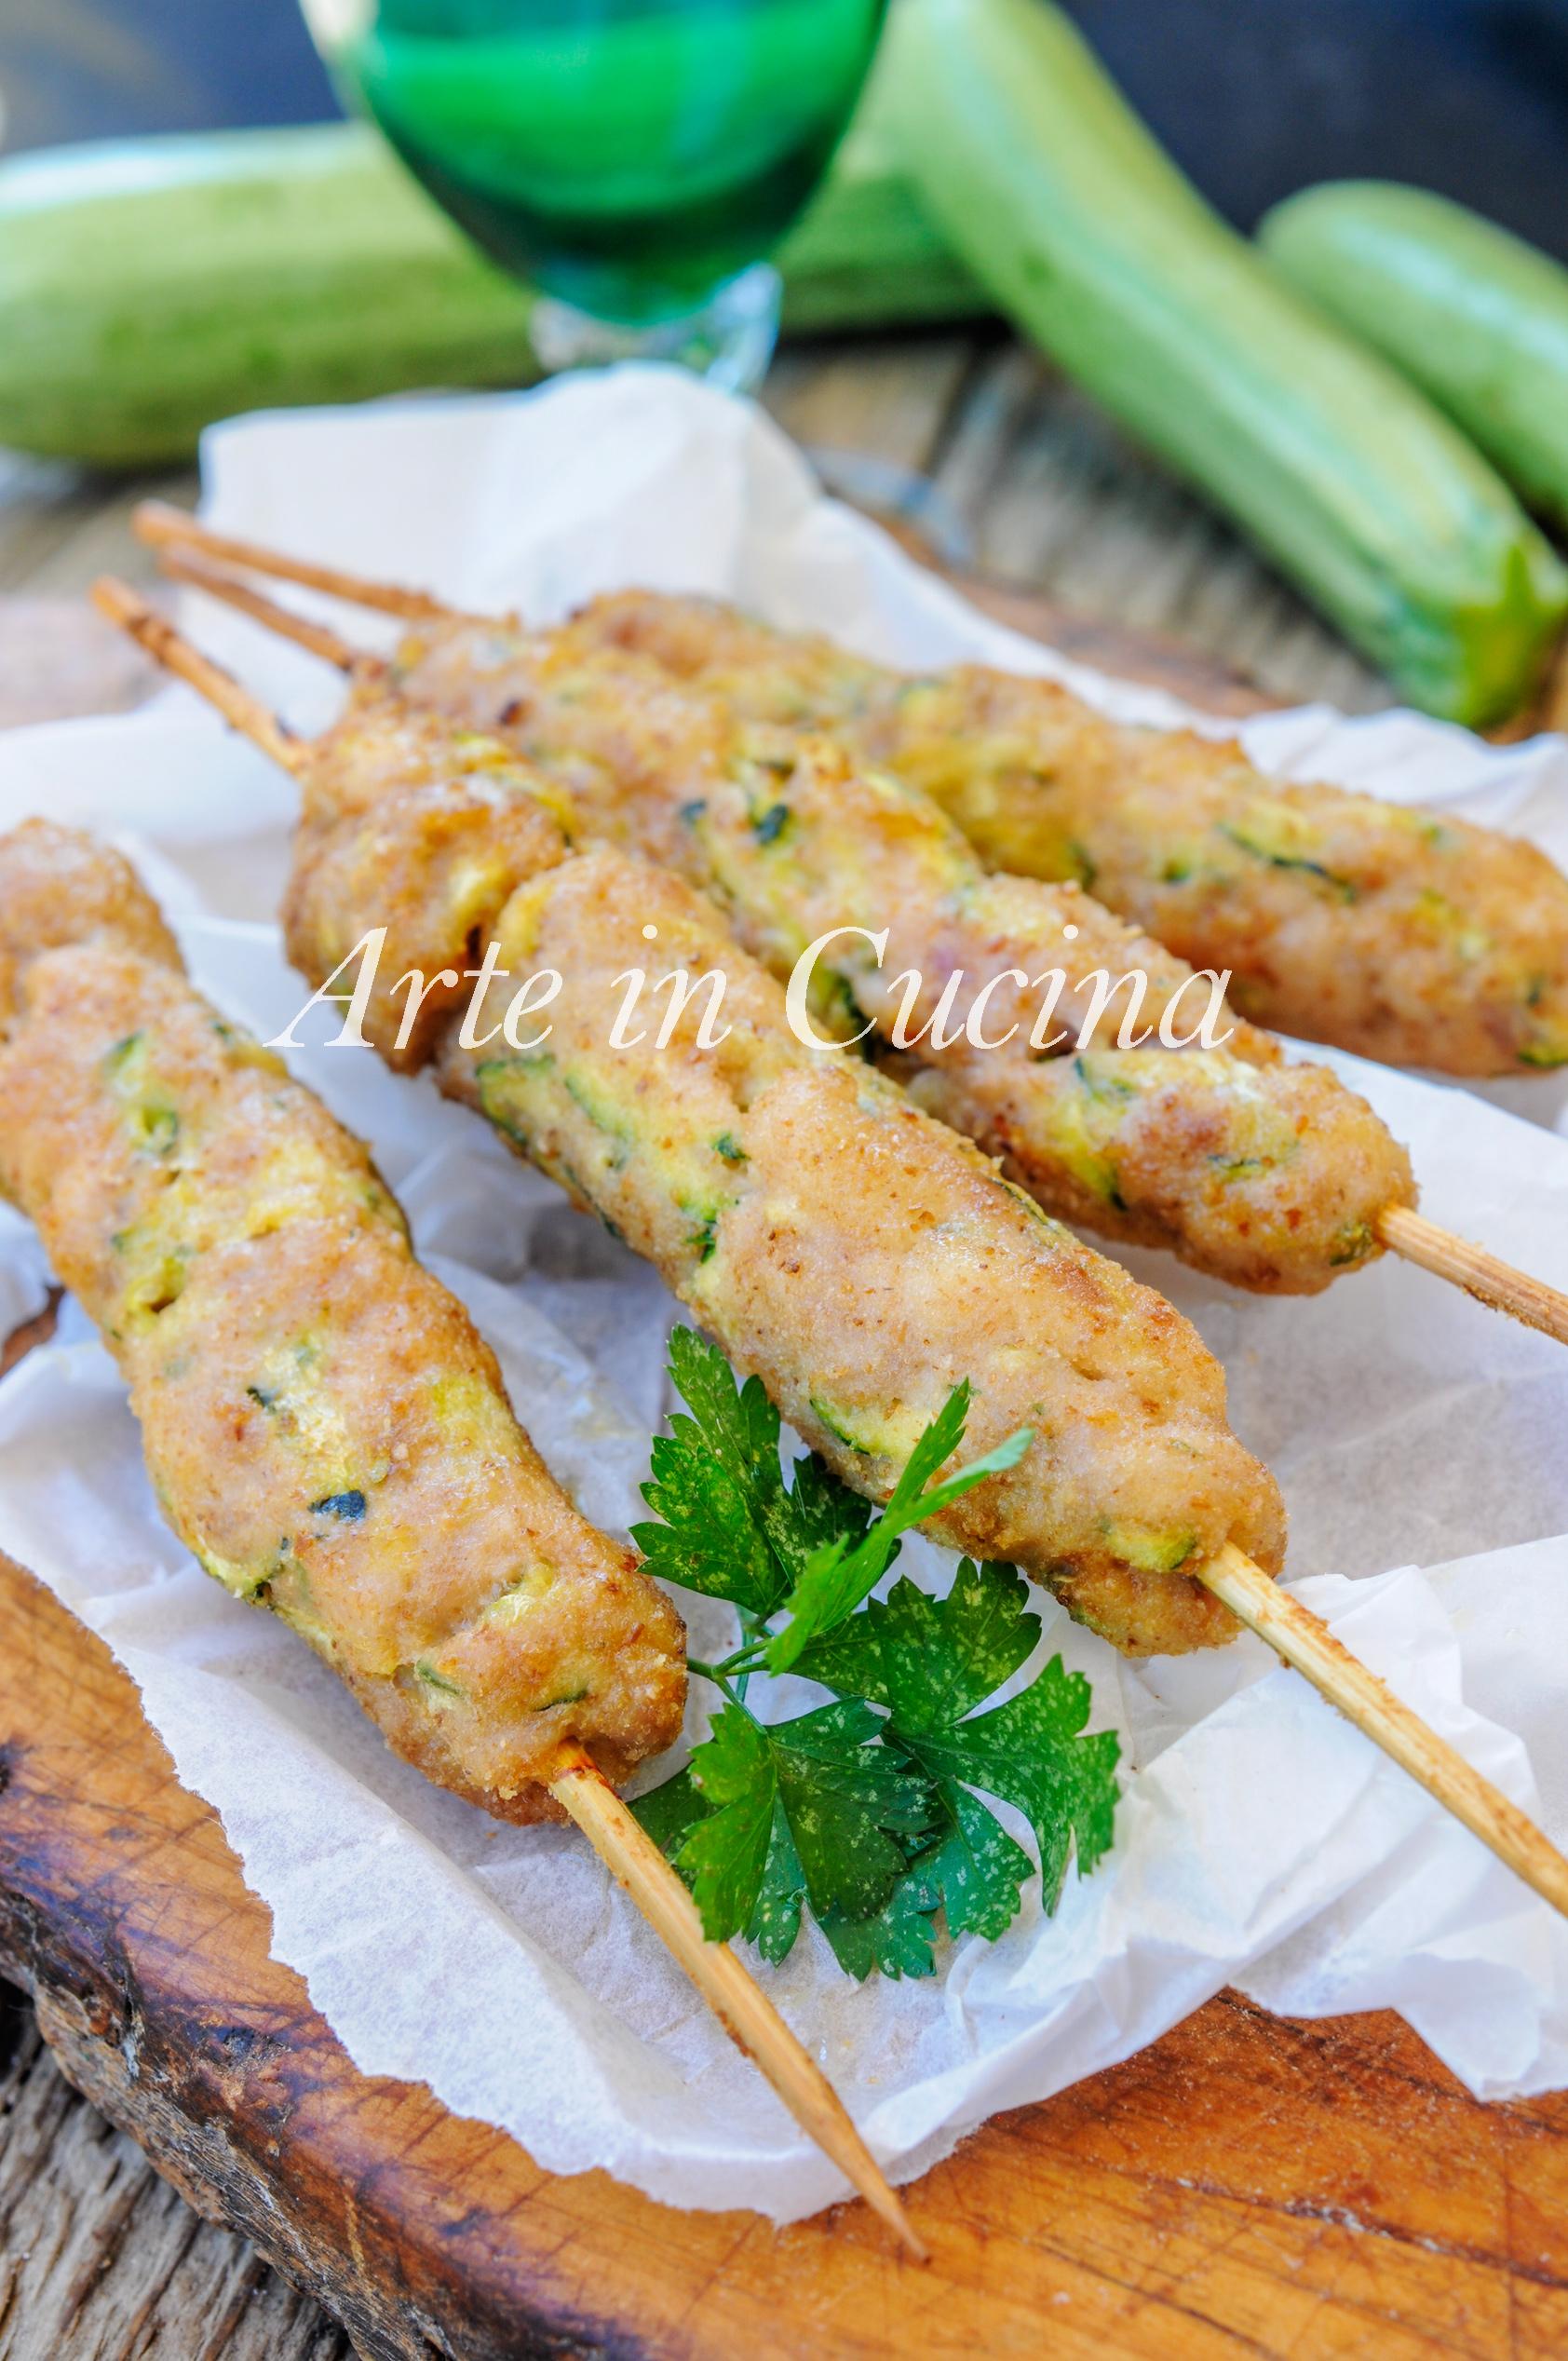 Arrosticini di maiale e zucchine ricetta sfiziosa veloce vickyart arte in cucina